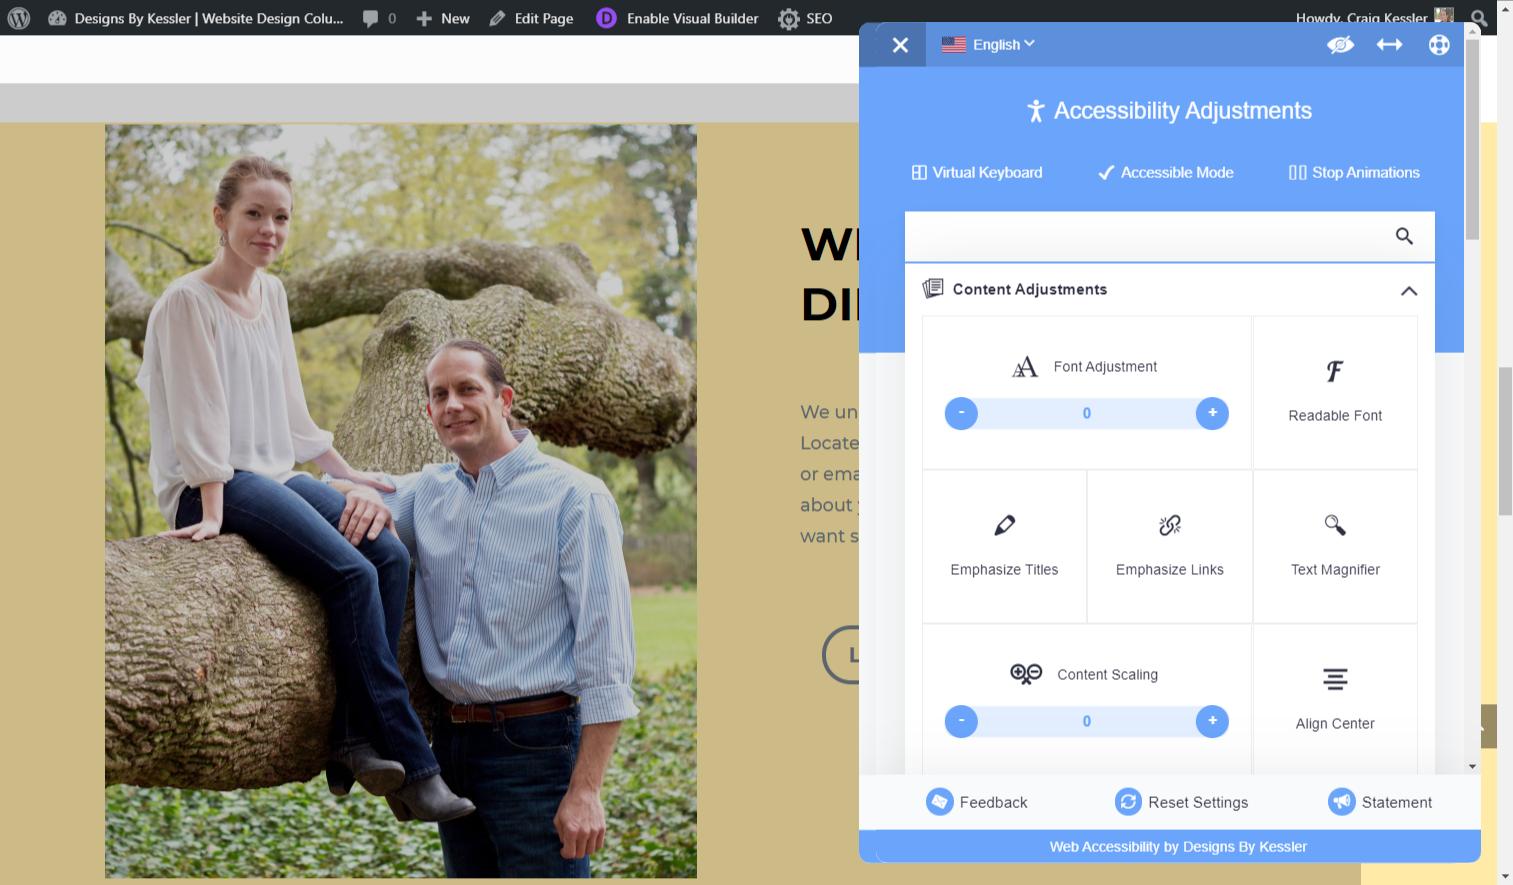 accessibilty technology screenshot